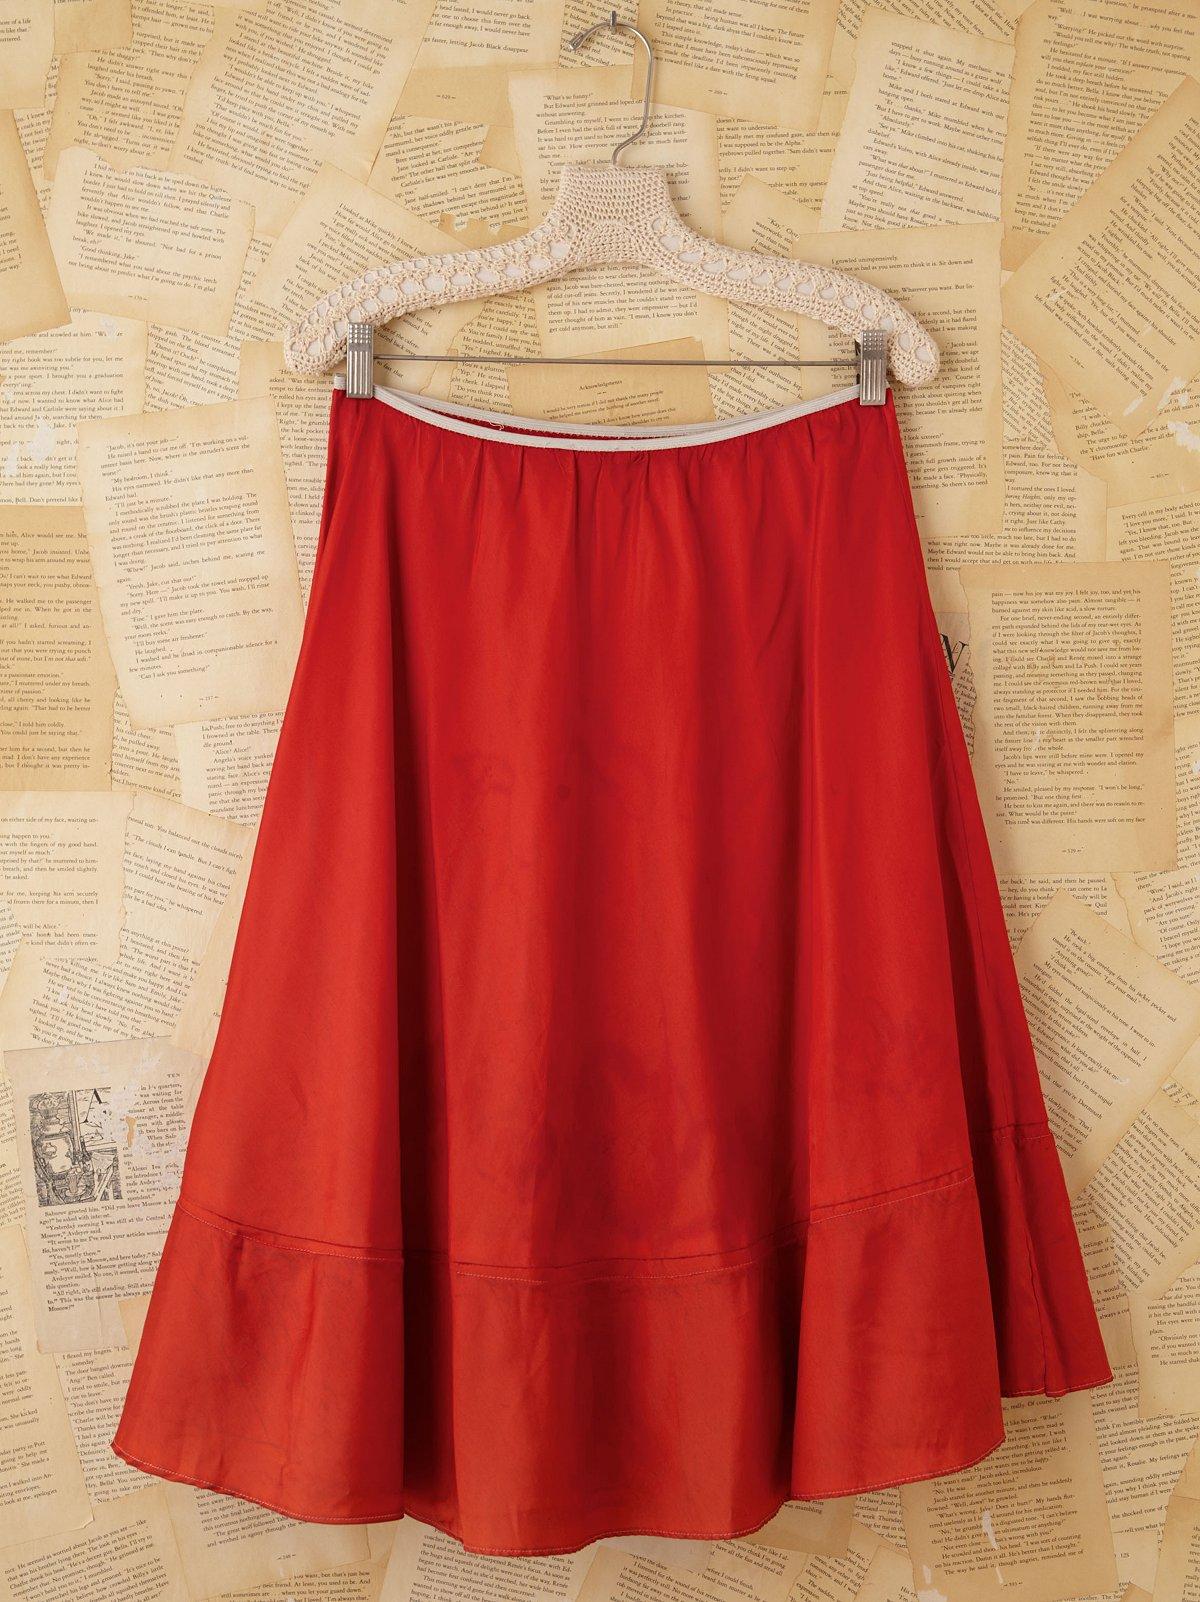 Vintage Red Slip Skirt